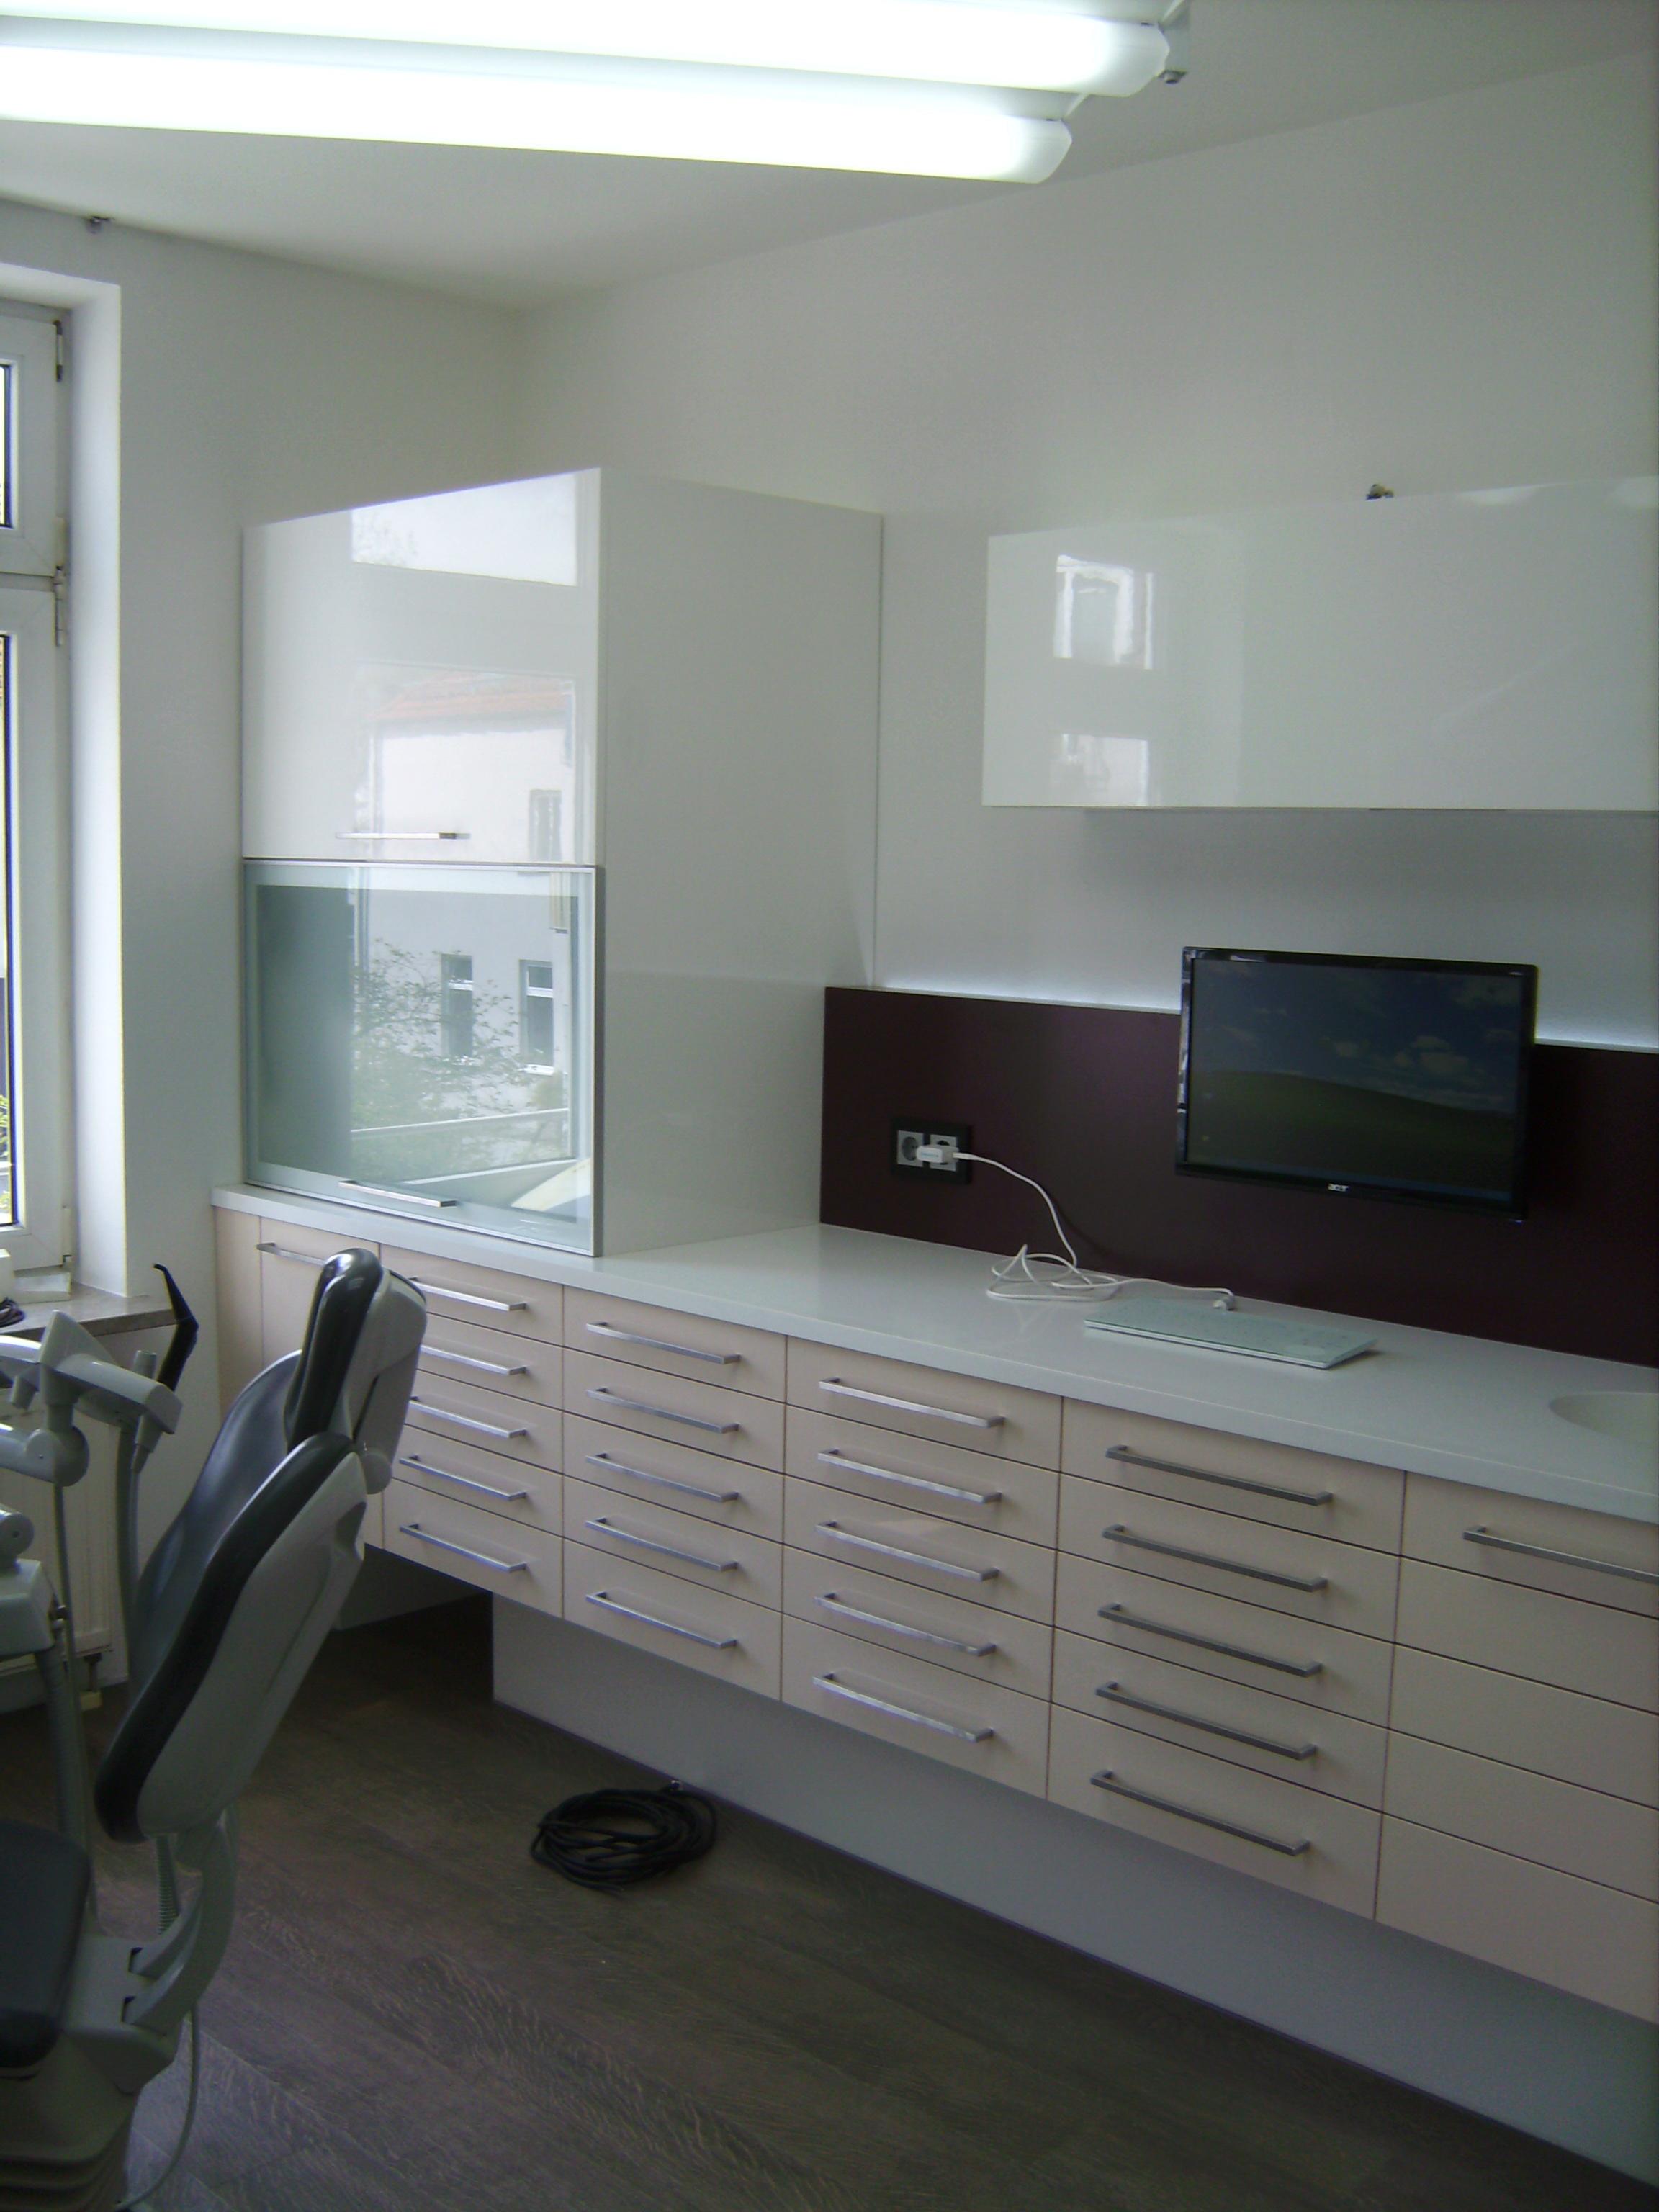 Behandlungszimmer in Lack und LG-Himacs, Auszüge für Zahnarzt passend, Bügelgriffe in Edelstahl,